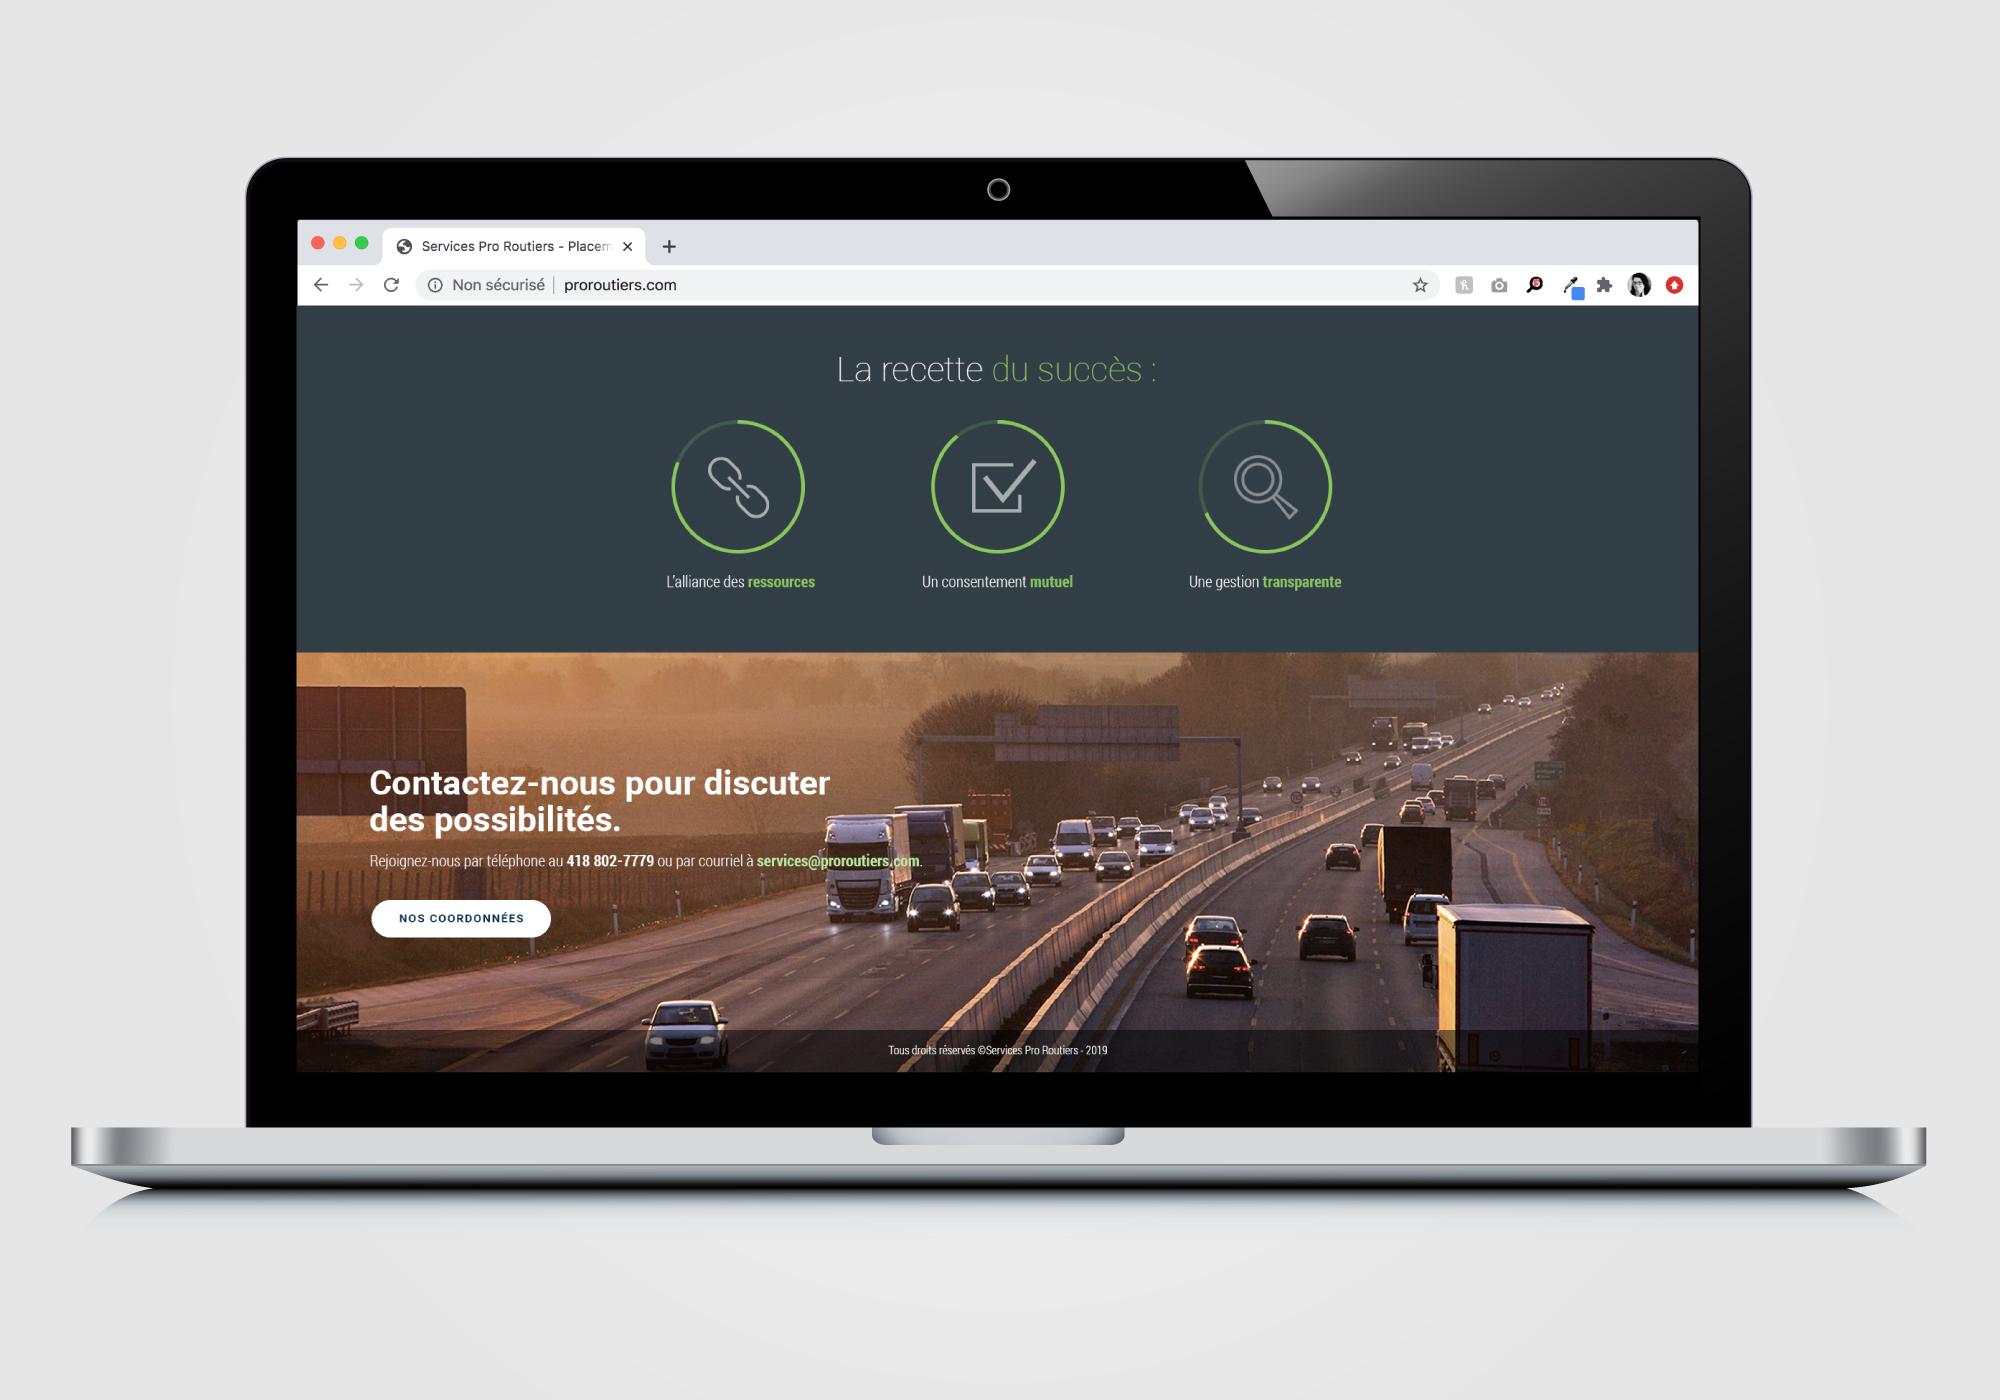 Conception et intégration d'un site web de type landing page